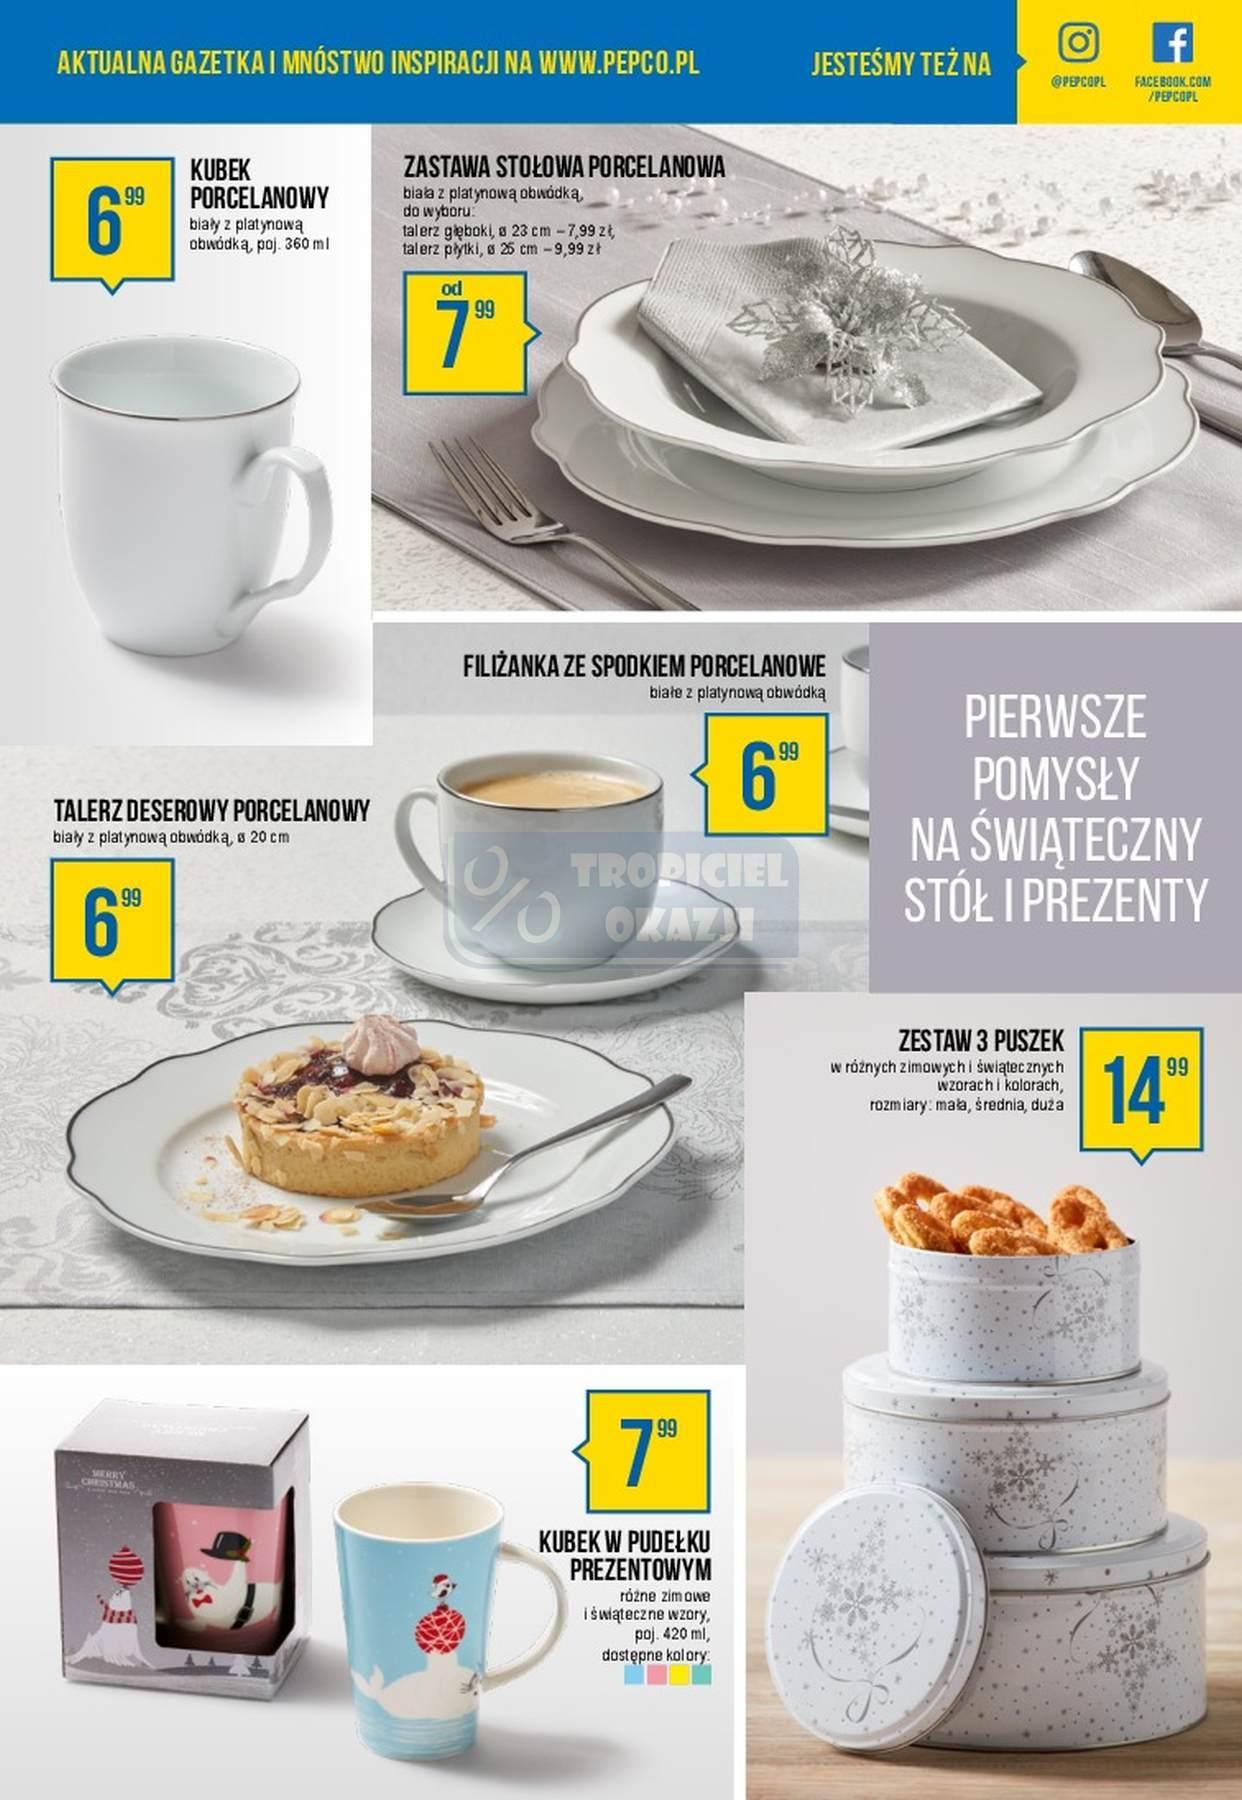 Gazetka promocyjna Pepco do 21/11/2018 str.7